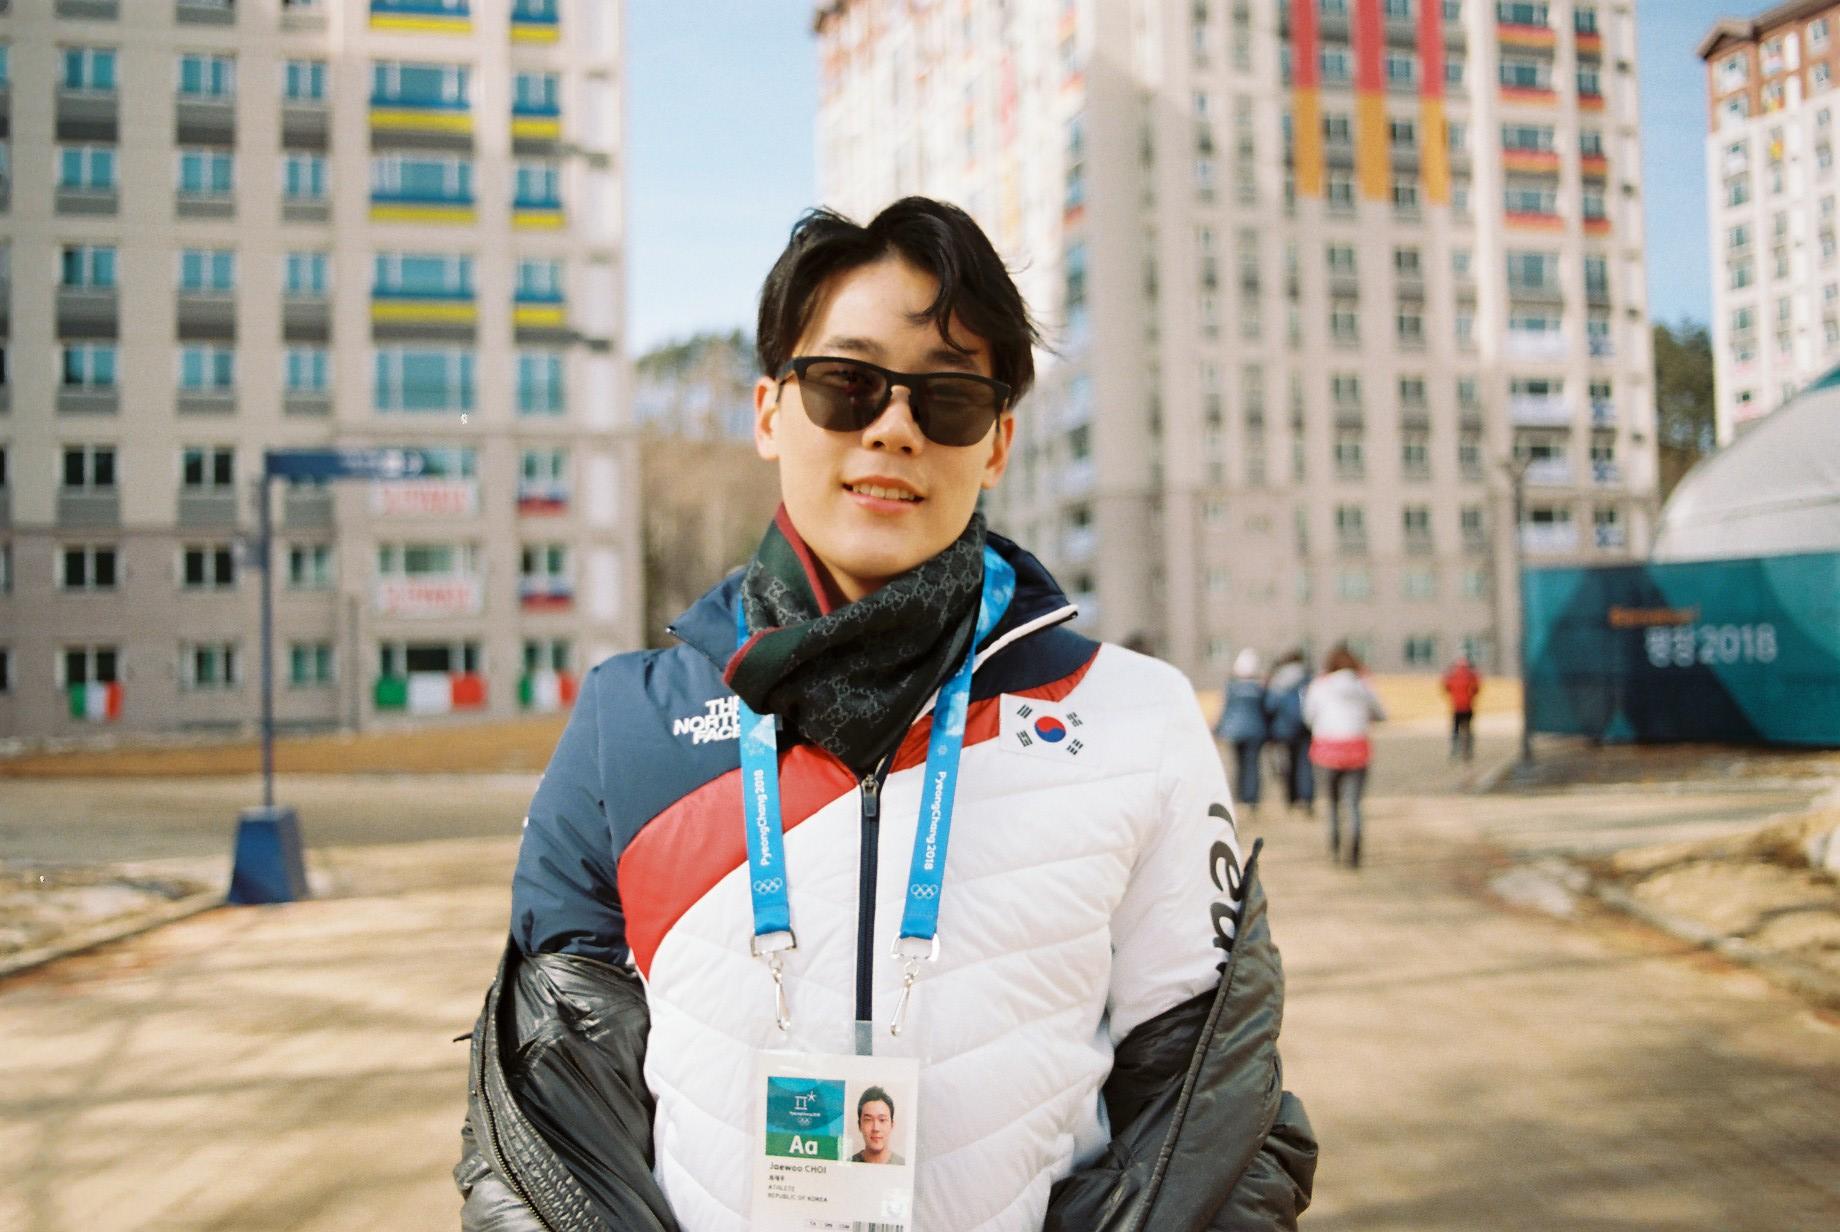 Jae woo Korea feb 2018.jpeg